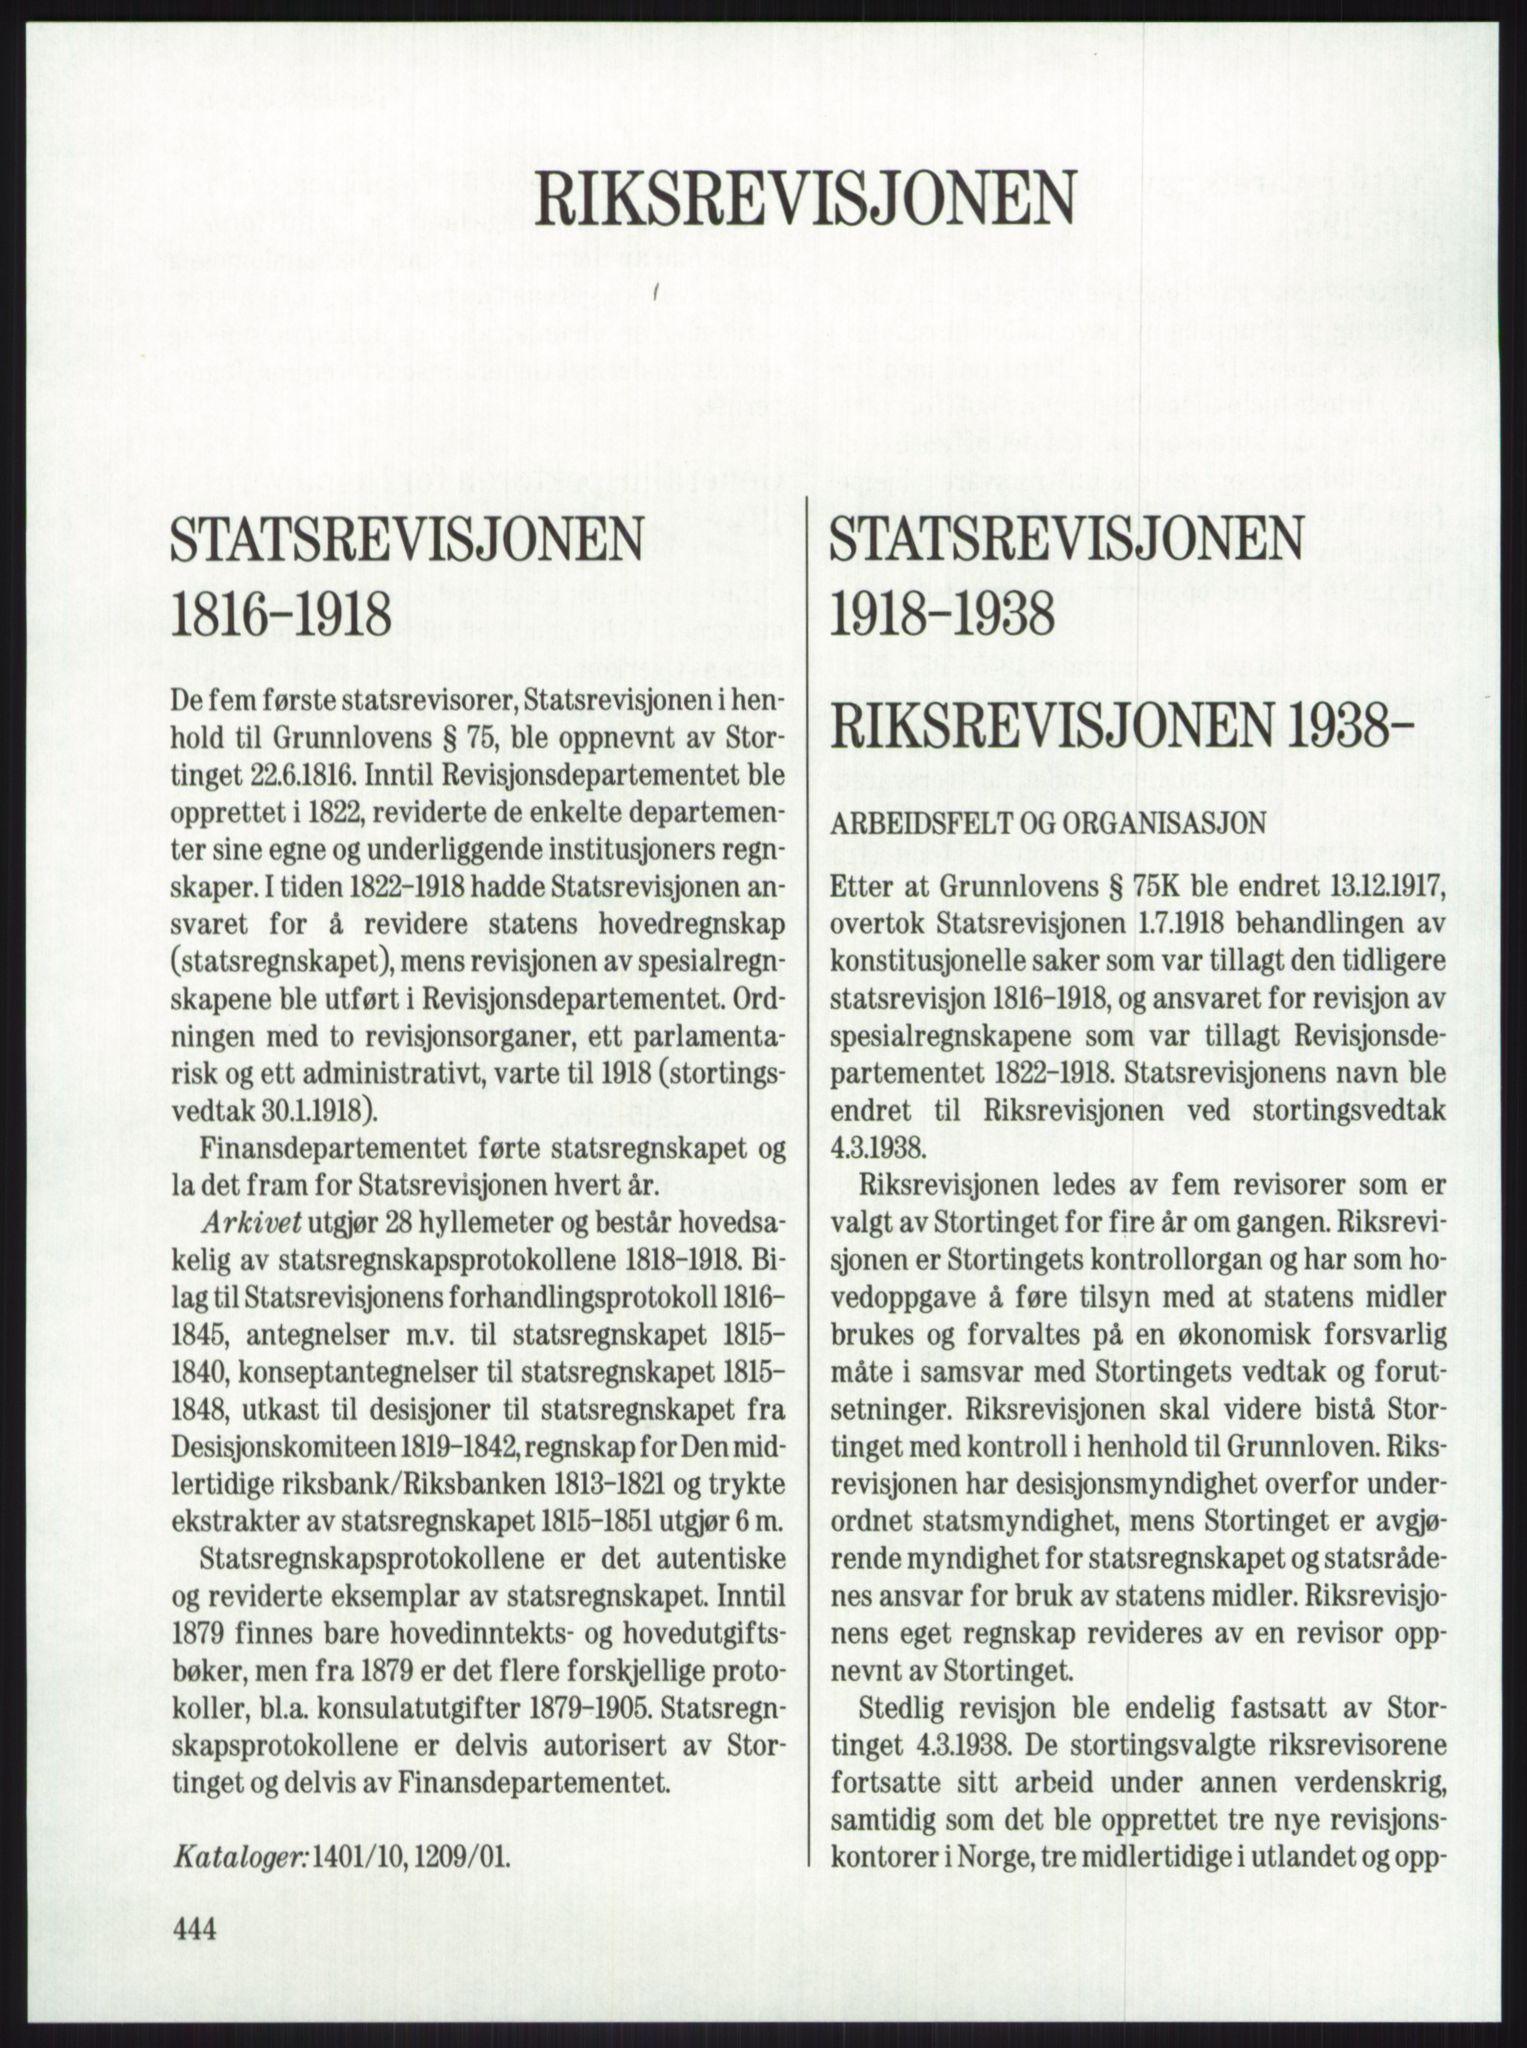 RA, Publikasjoner*, 1974-1977, s. 444